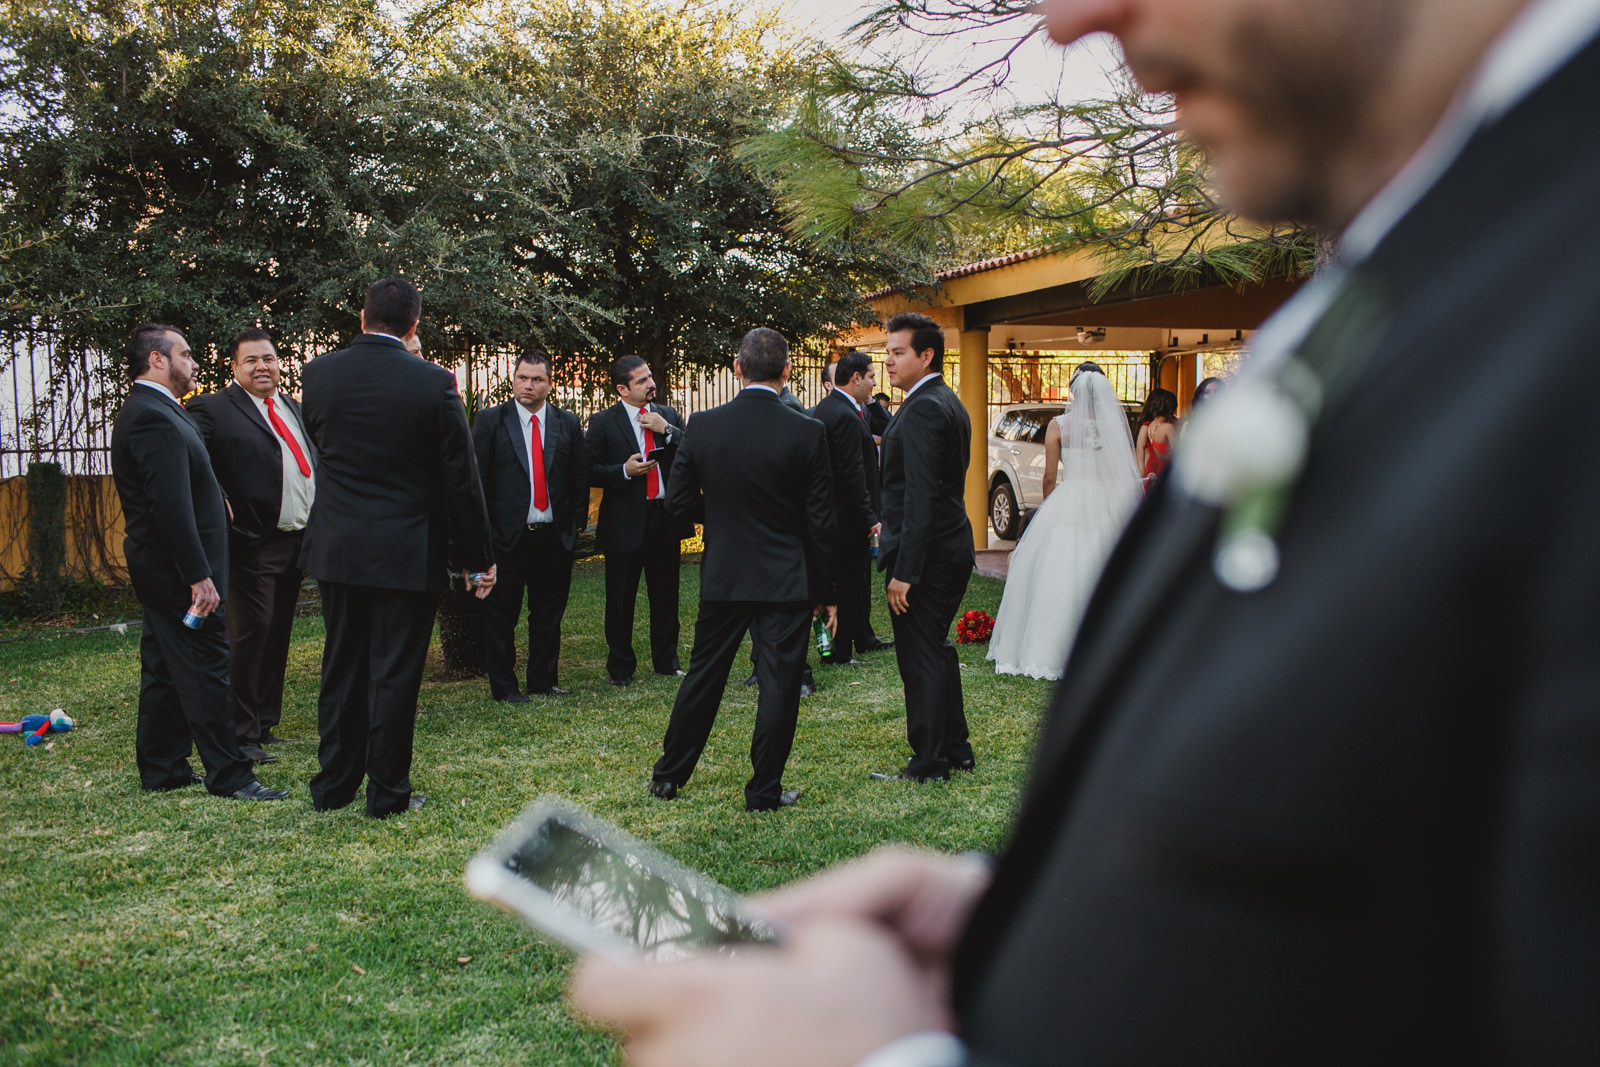 armando-aragon-fotografo-de-bodas-031